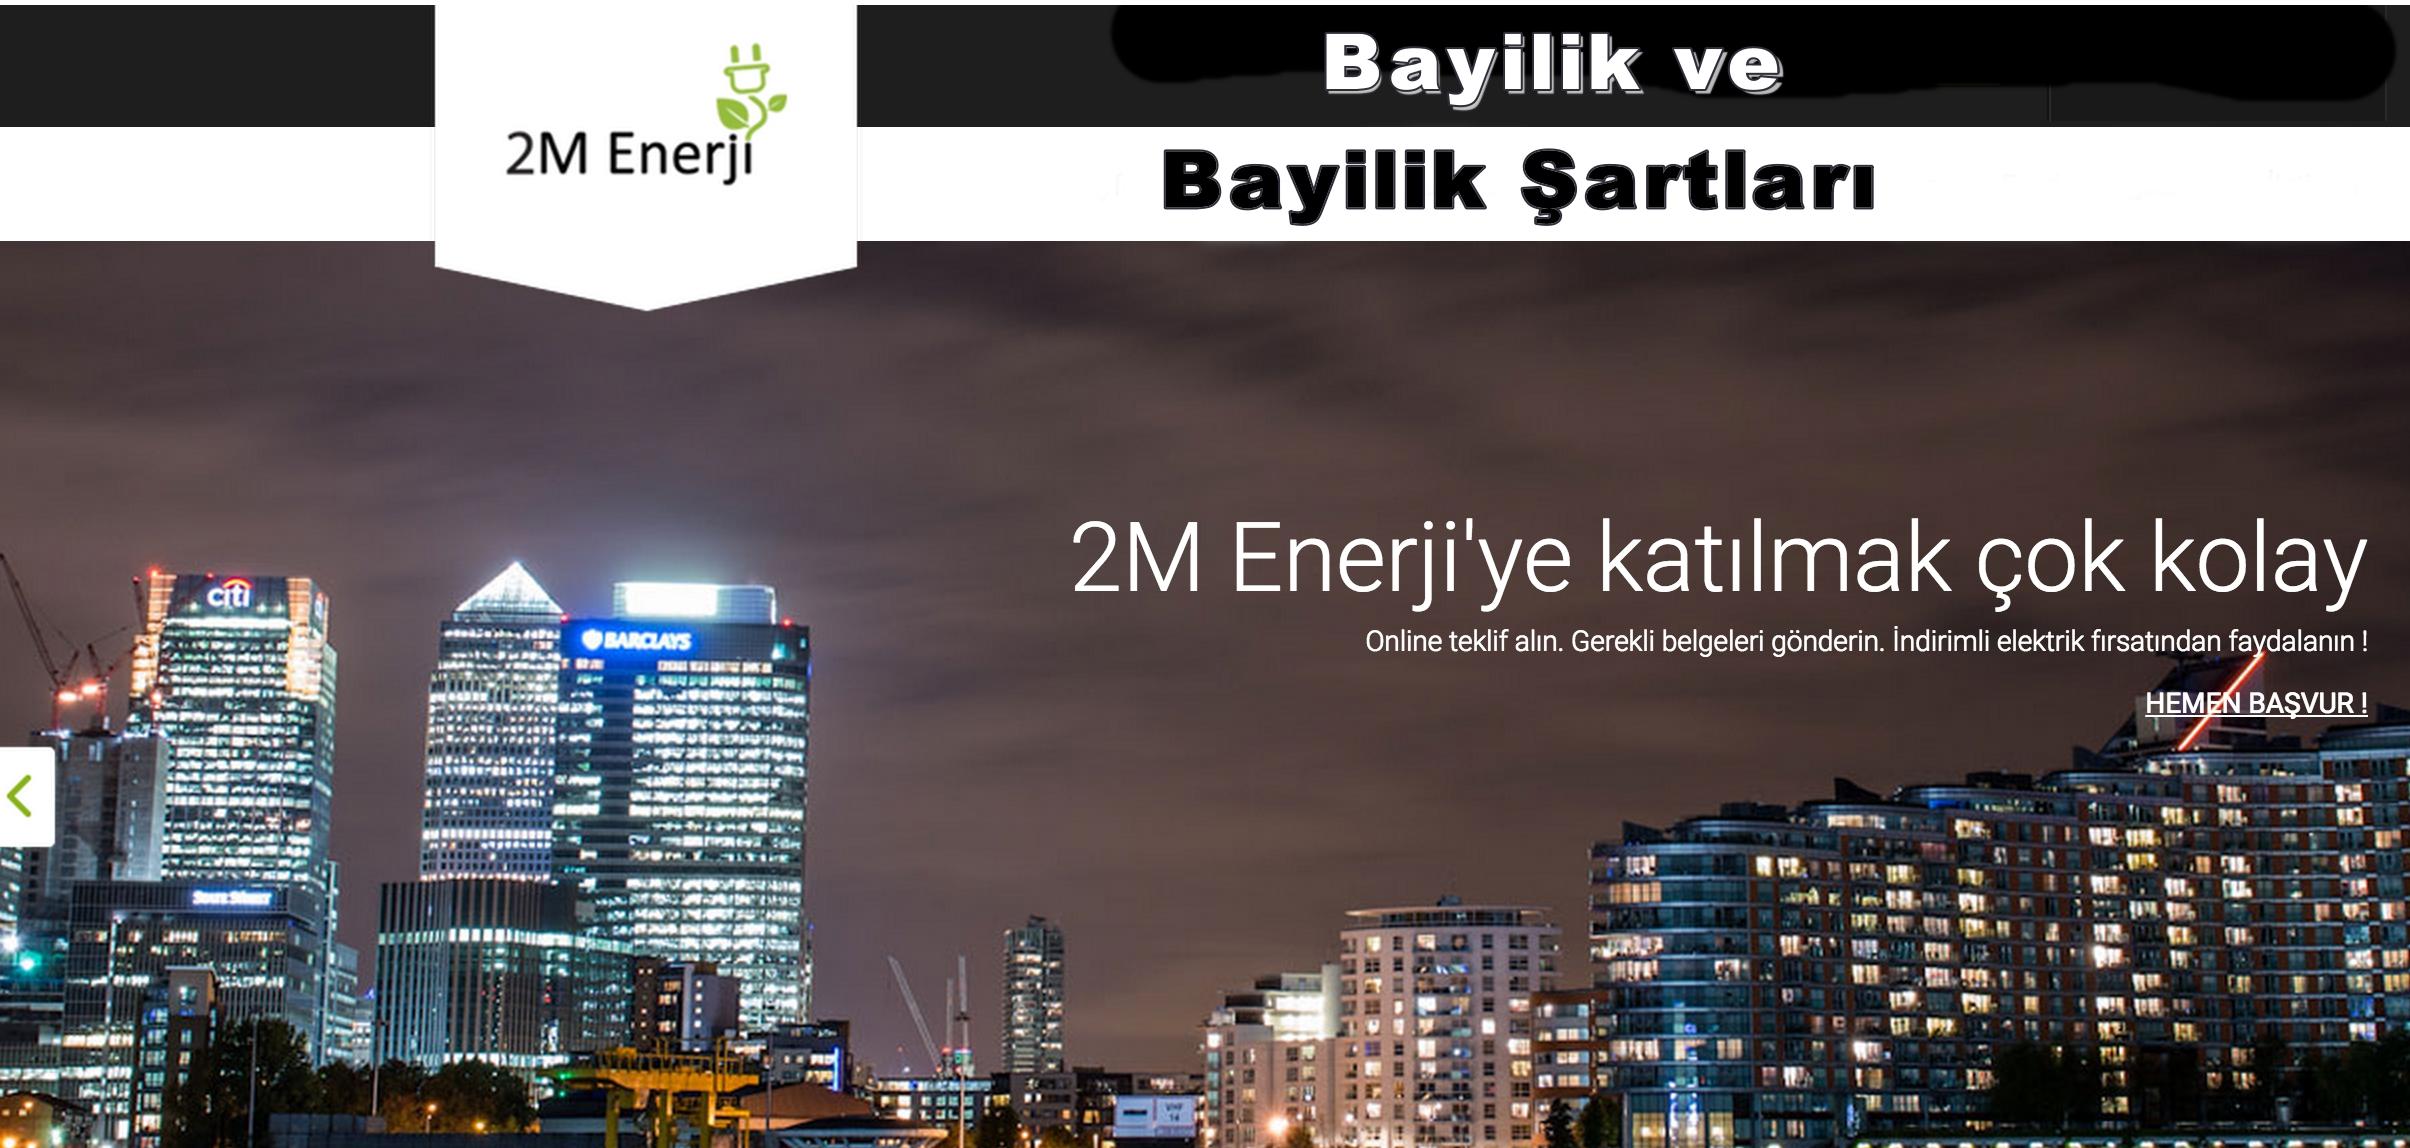 2m Enerji Toptan Elektrik Bayilik ve Bayilik Şartları